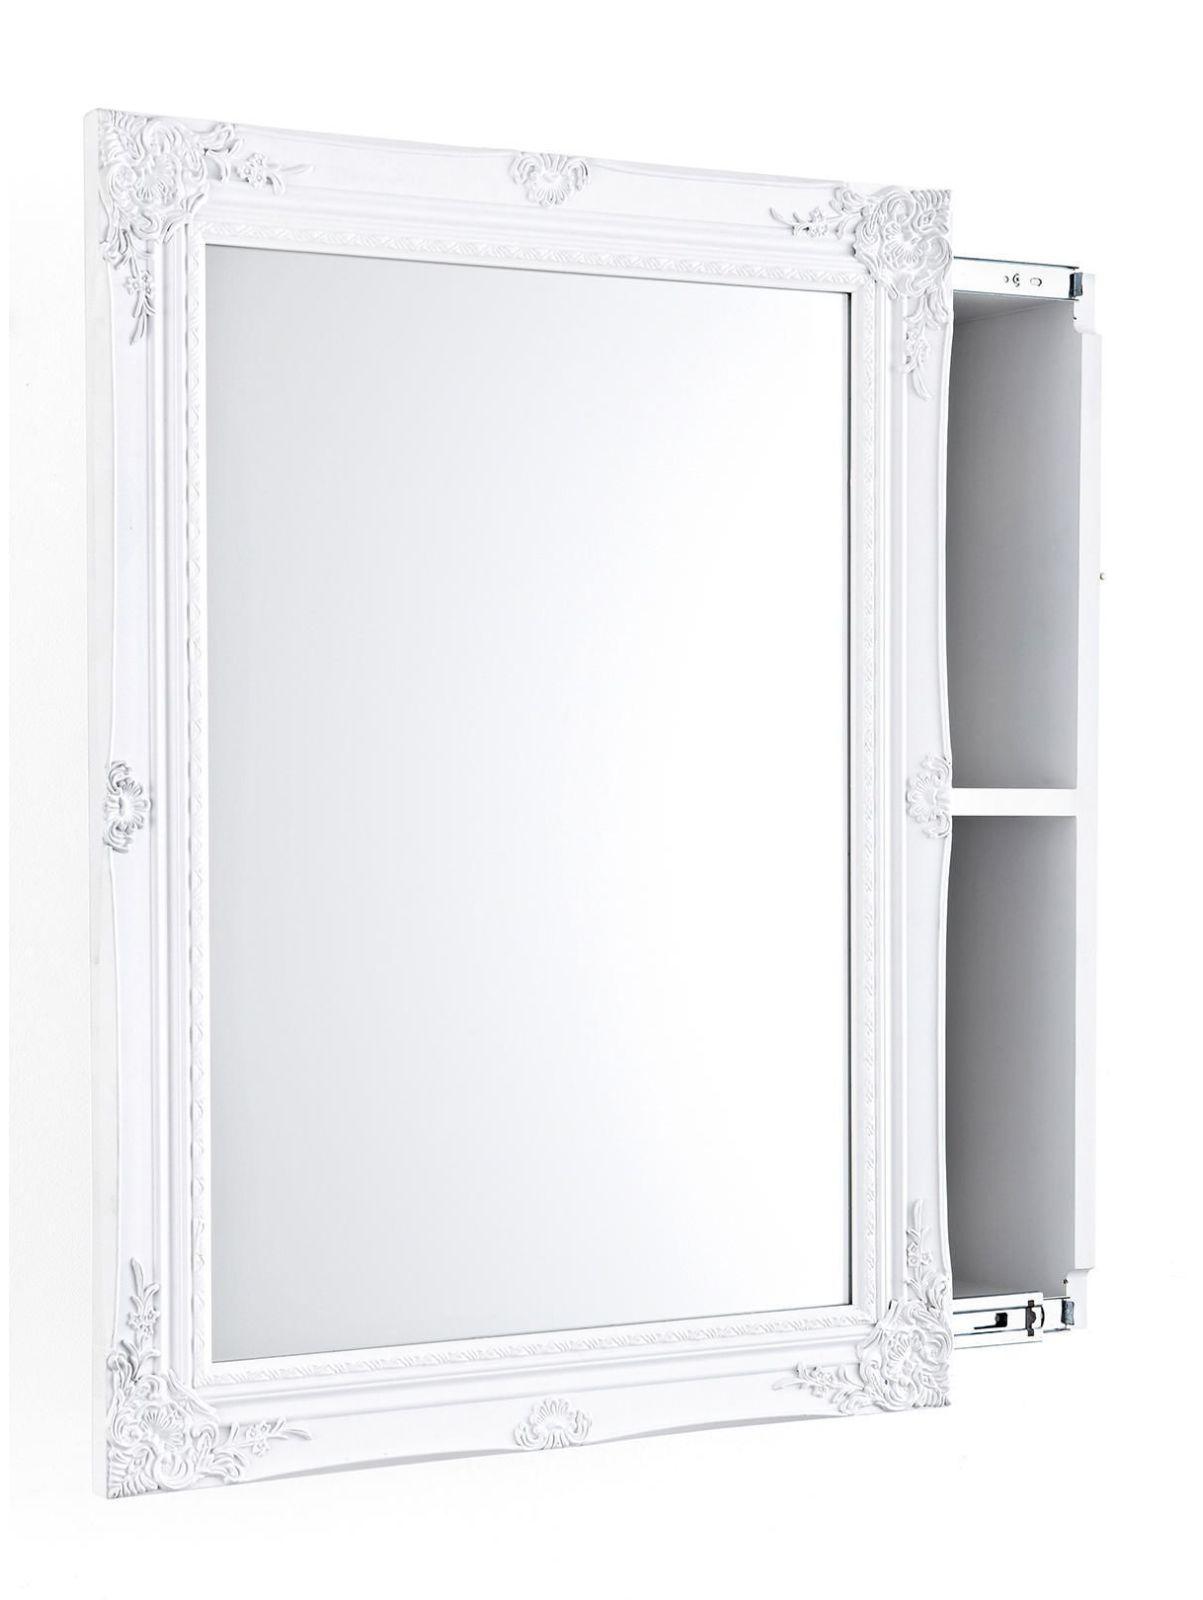 Pin von ladendirekt auf Badmöbel | Pinterest | Spiegelschrank bad ...